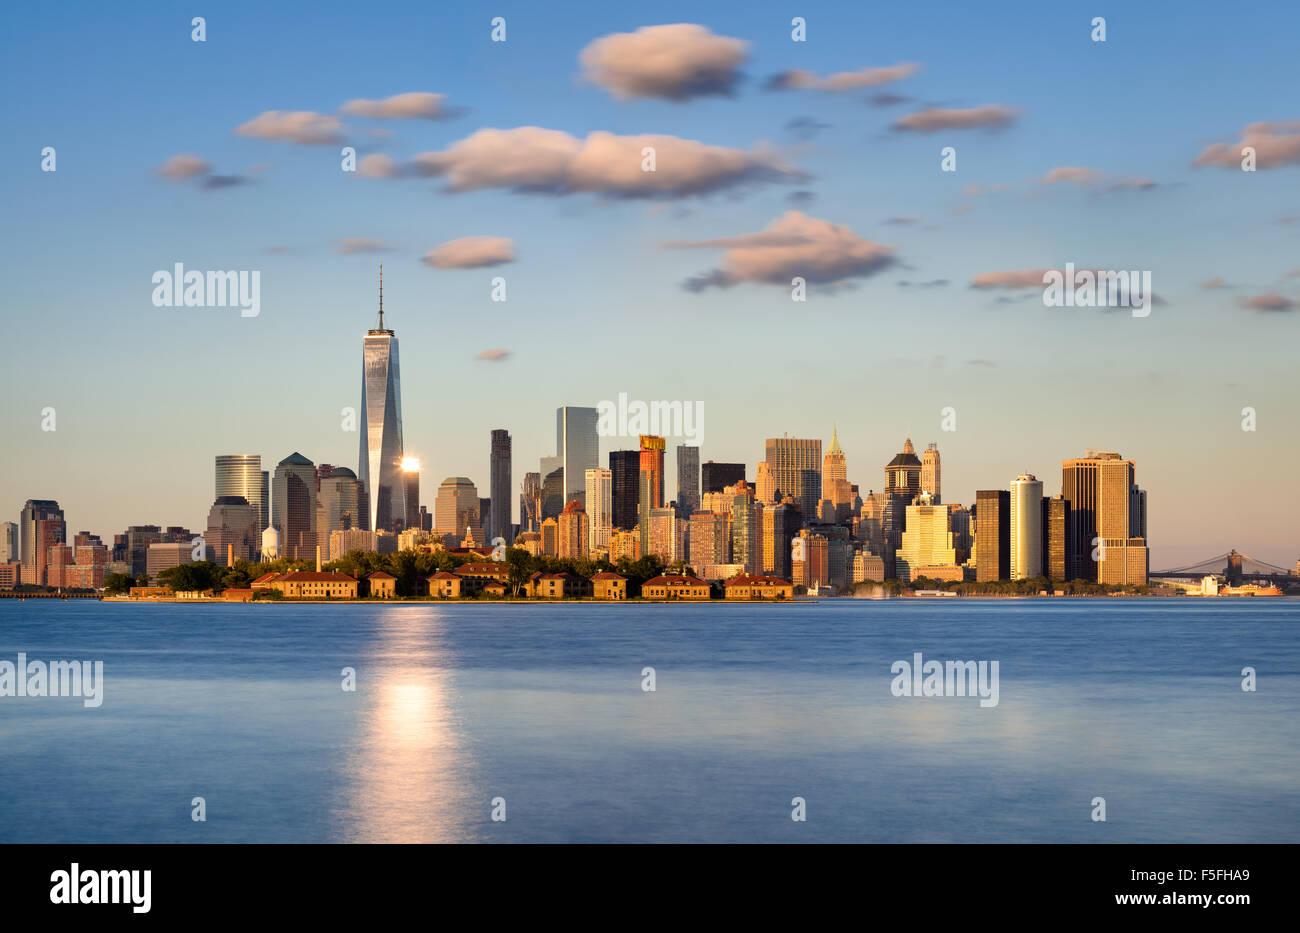 Skyline von New York City, Lower Manhattan. Ellis Island erscheint vor den Financial District Wolkenkratzer Stockbild